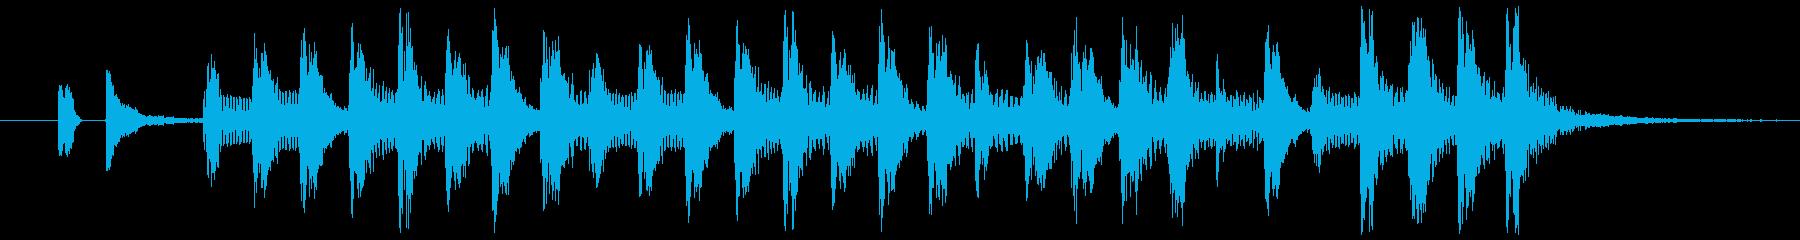 おもしろパロディーの再生済みの波形